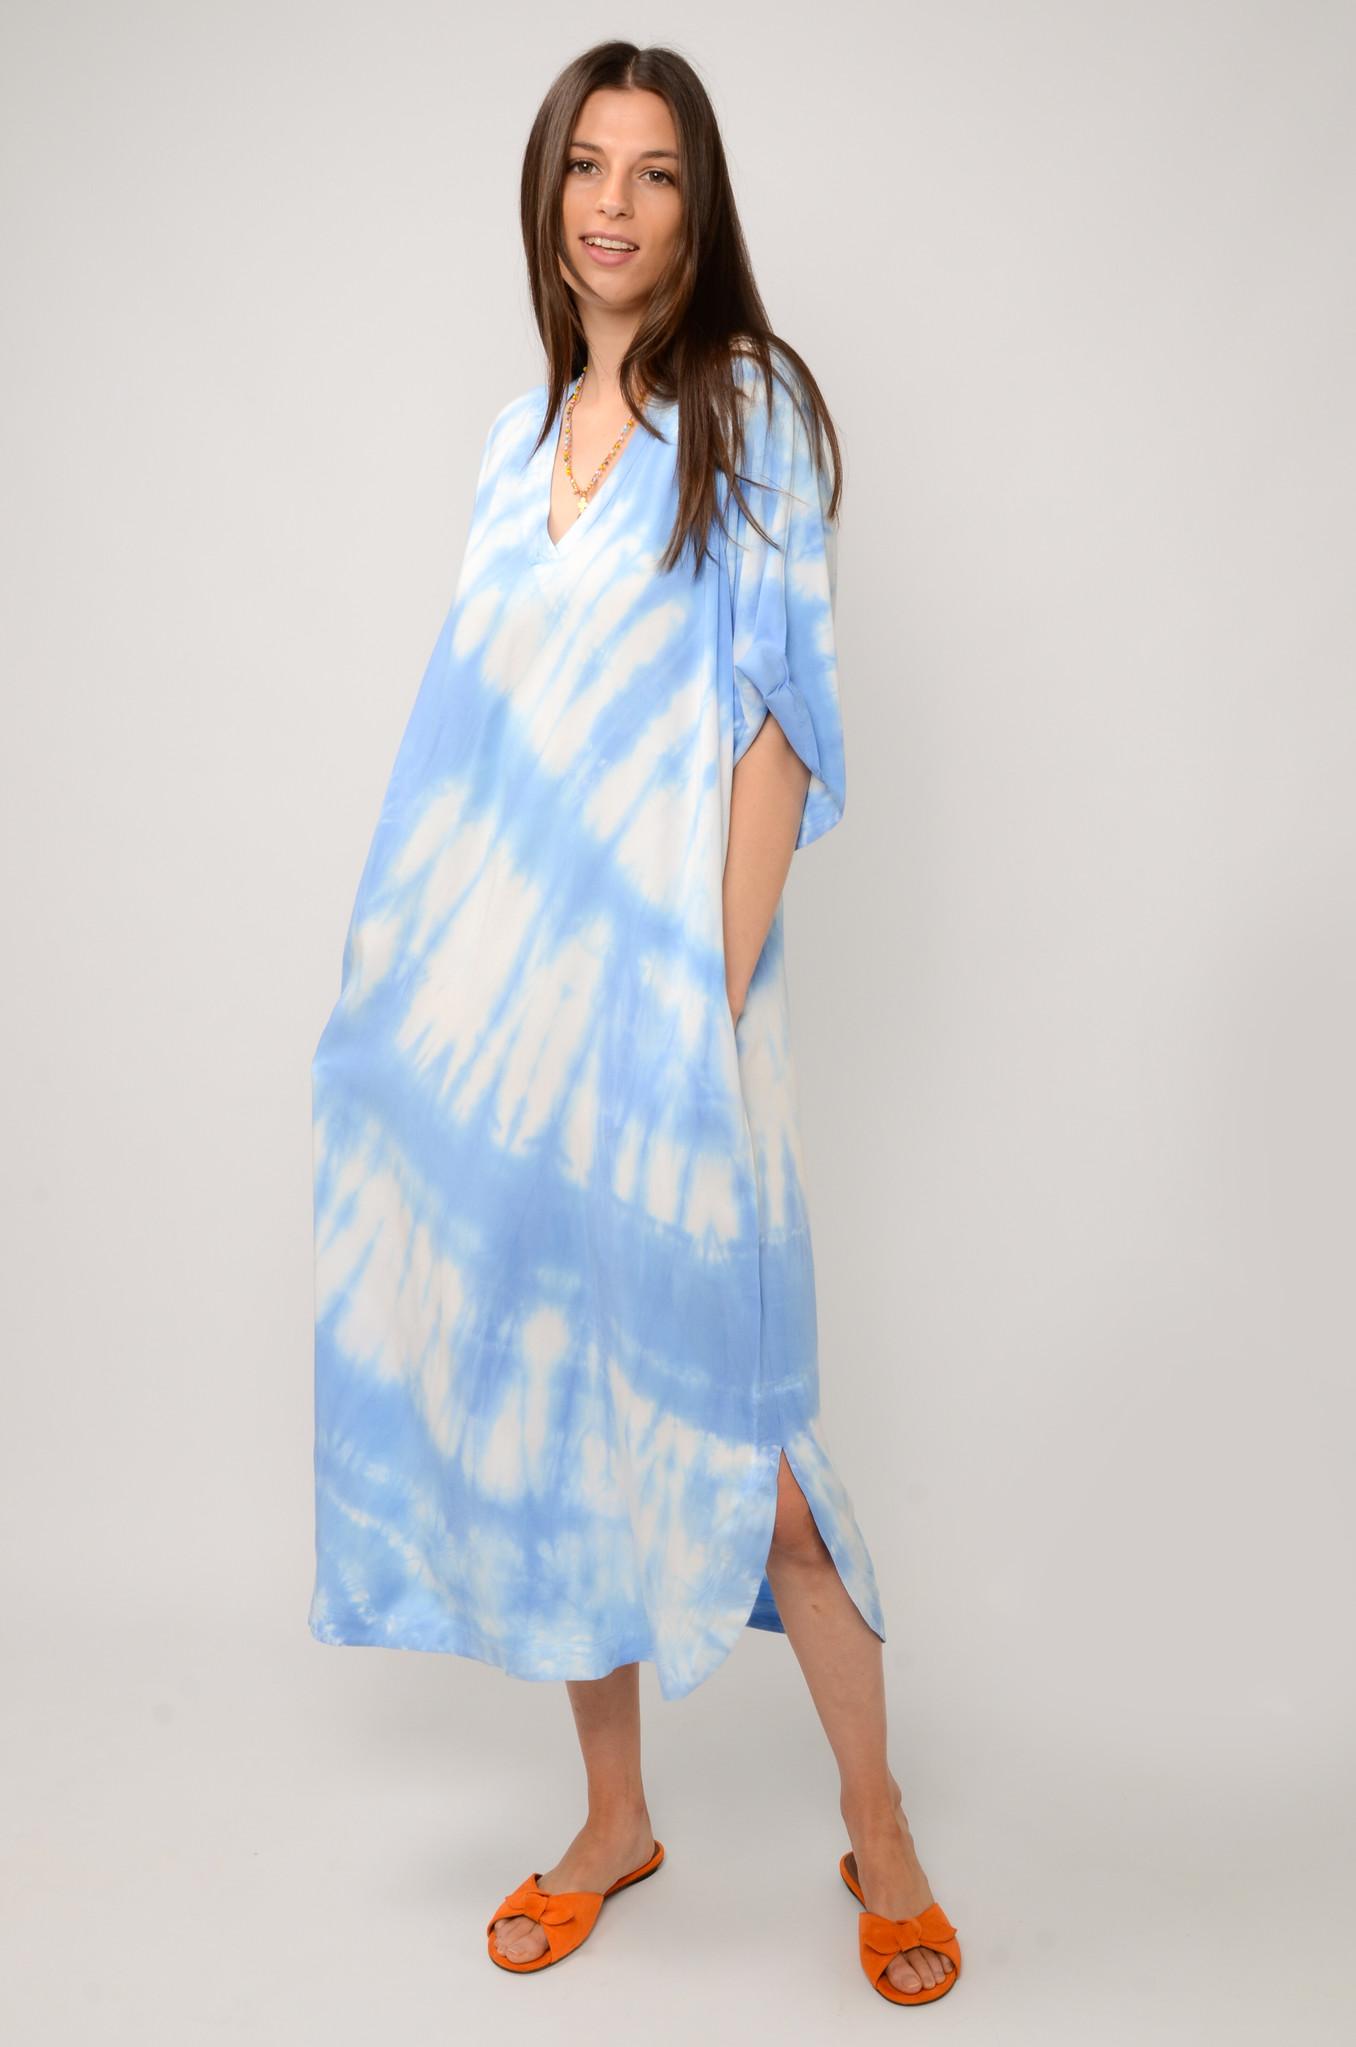 OCEAN BREEZE DRESS IN SKY BLUE-2